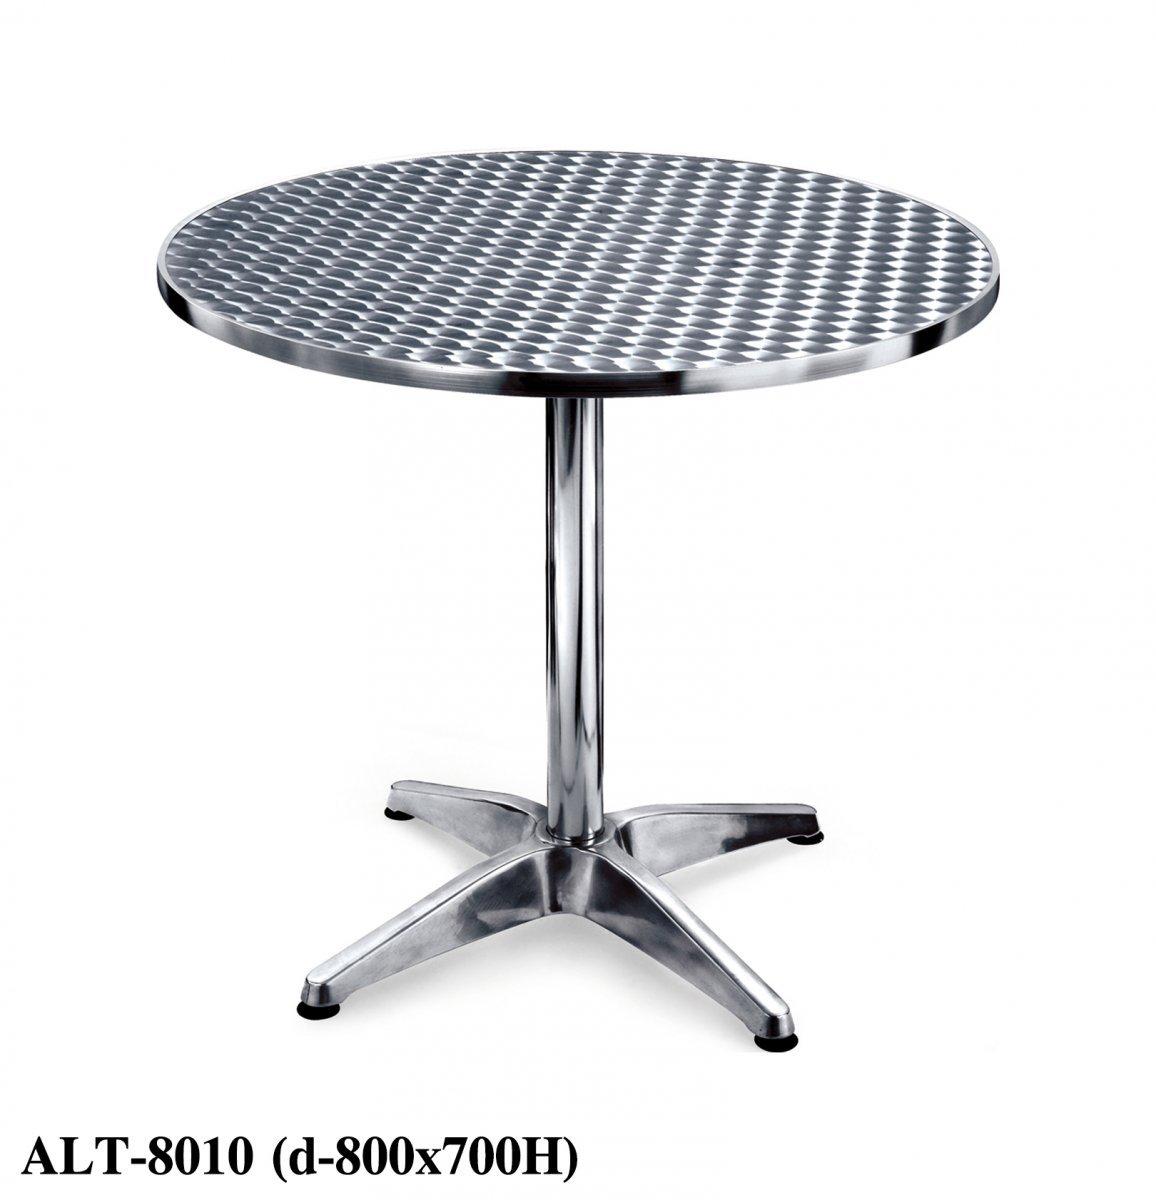 Фото - Стол для кафе ALT-8010